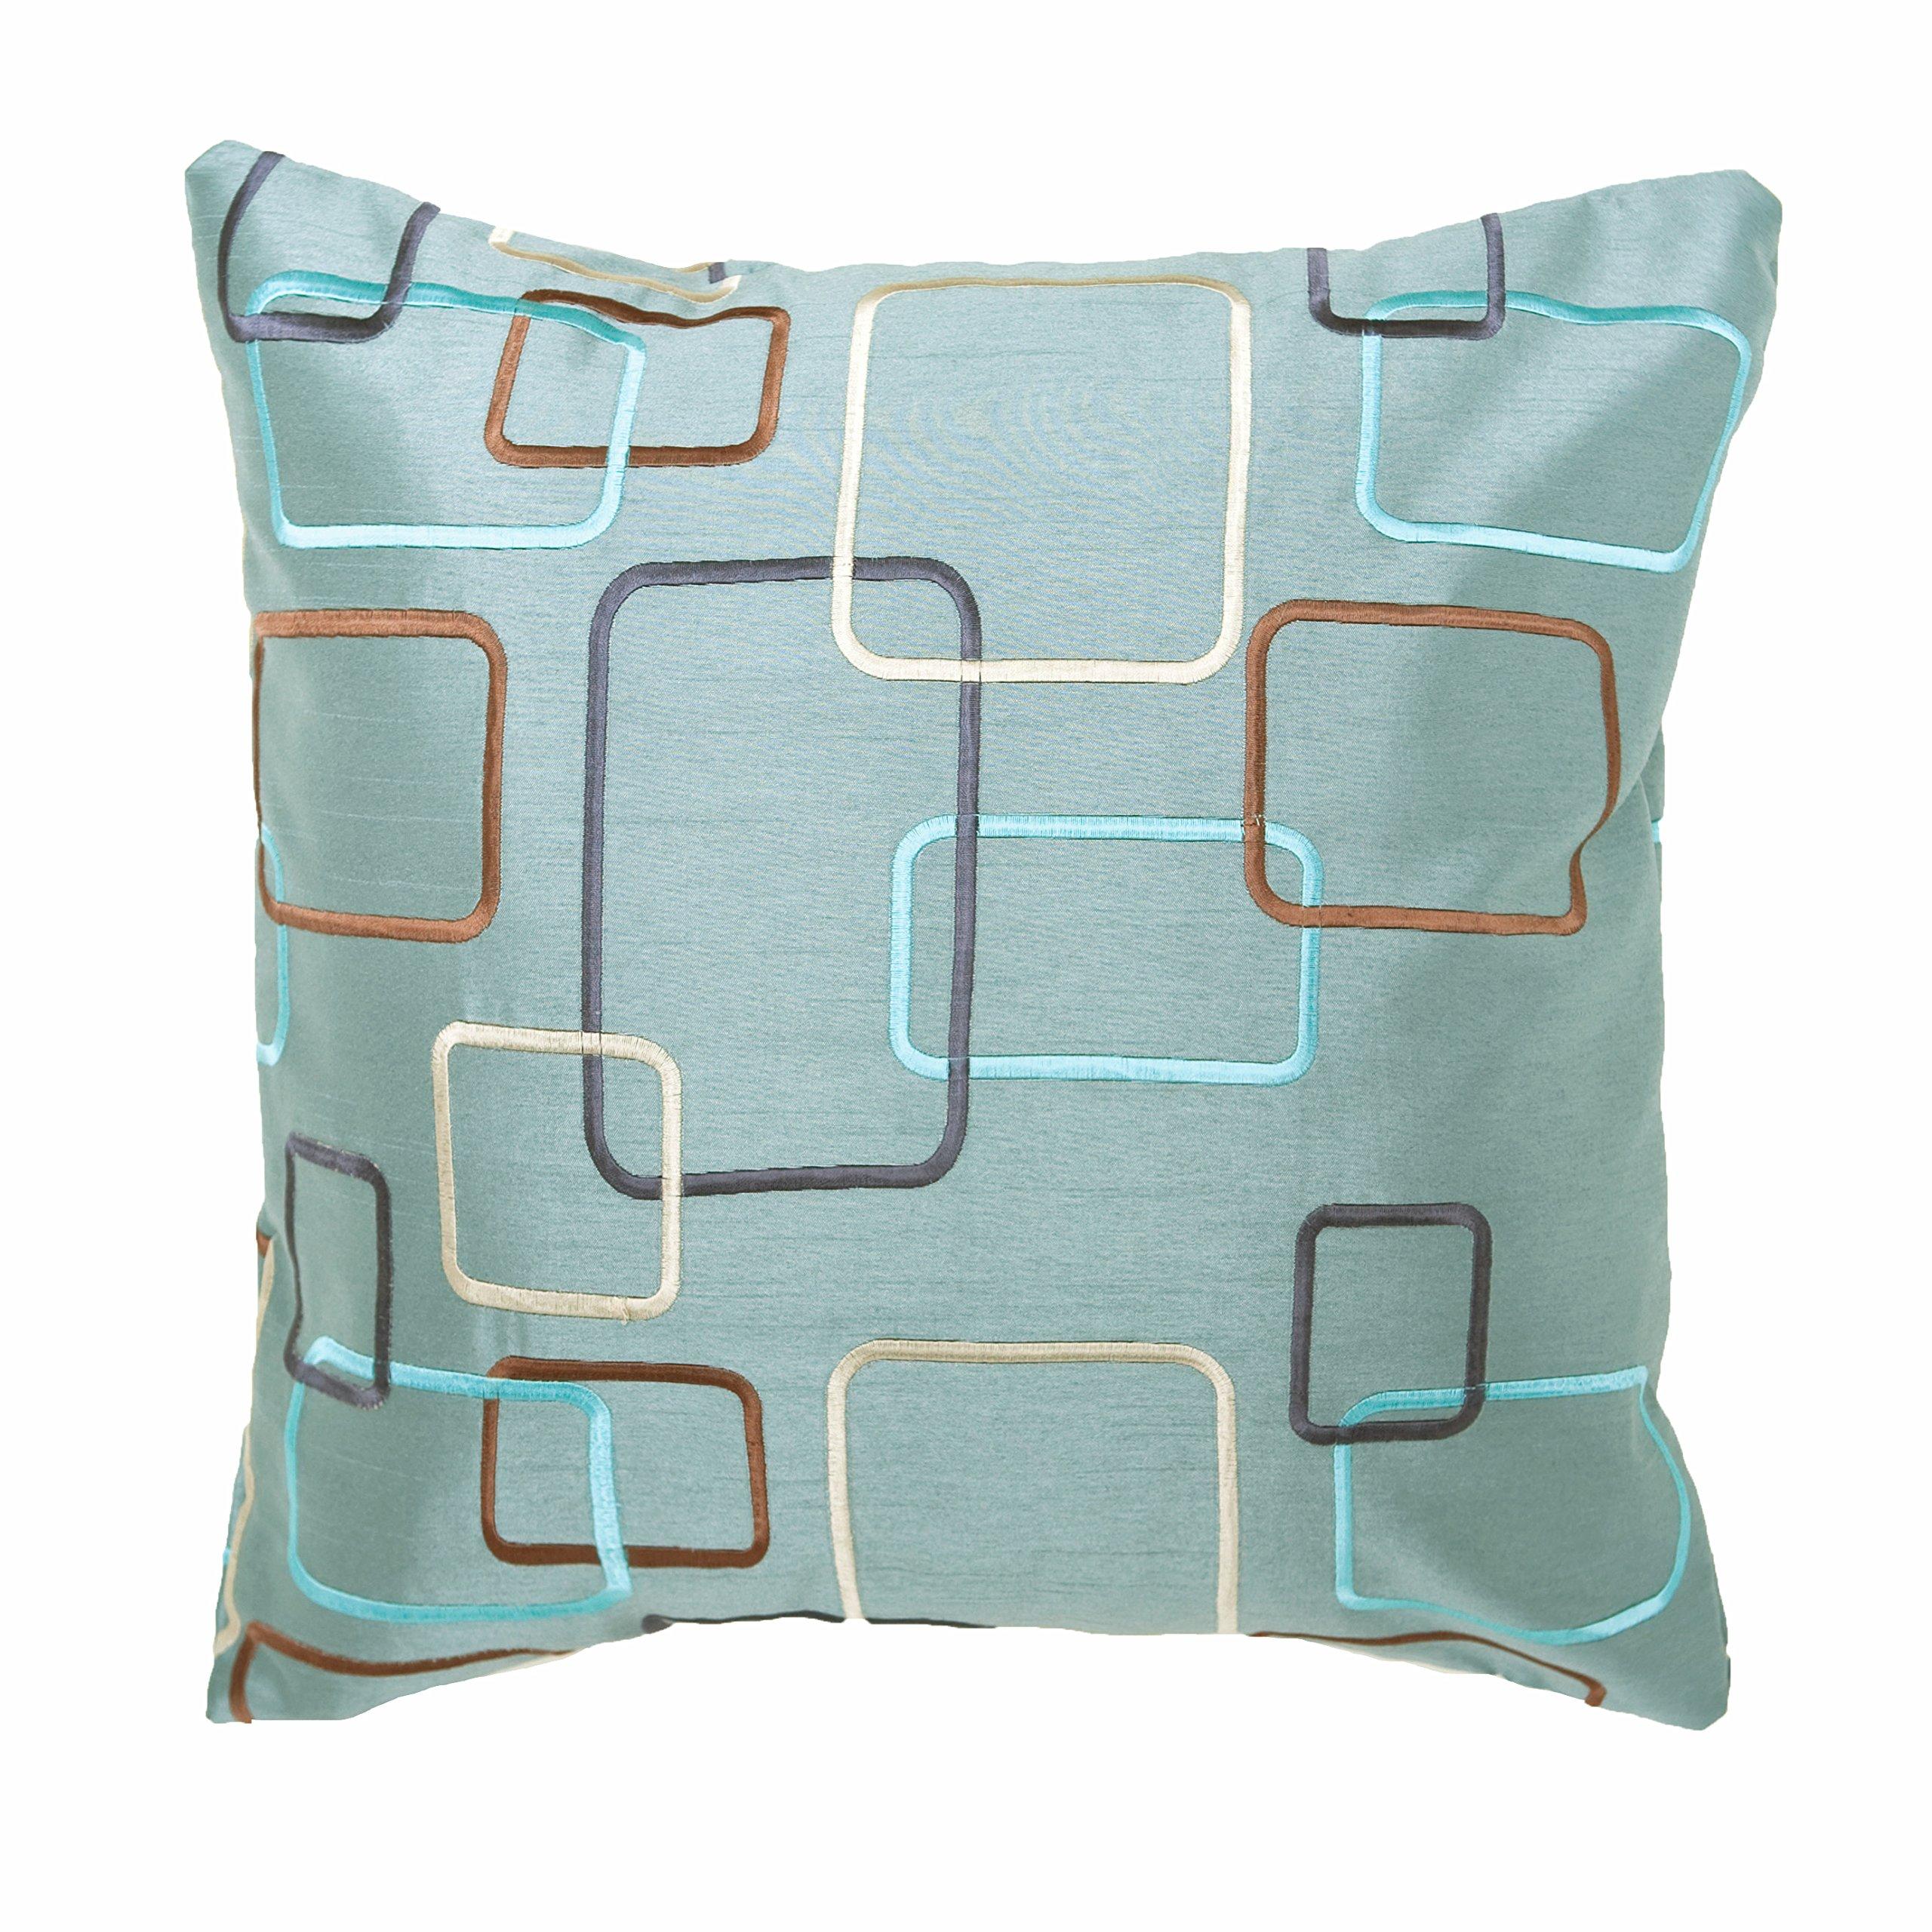 Softline Home Fashions SSQspablu18x18PW Somerset Throw Pillow, 18'', Spa Blue